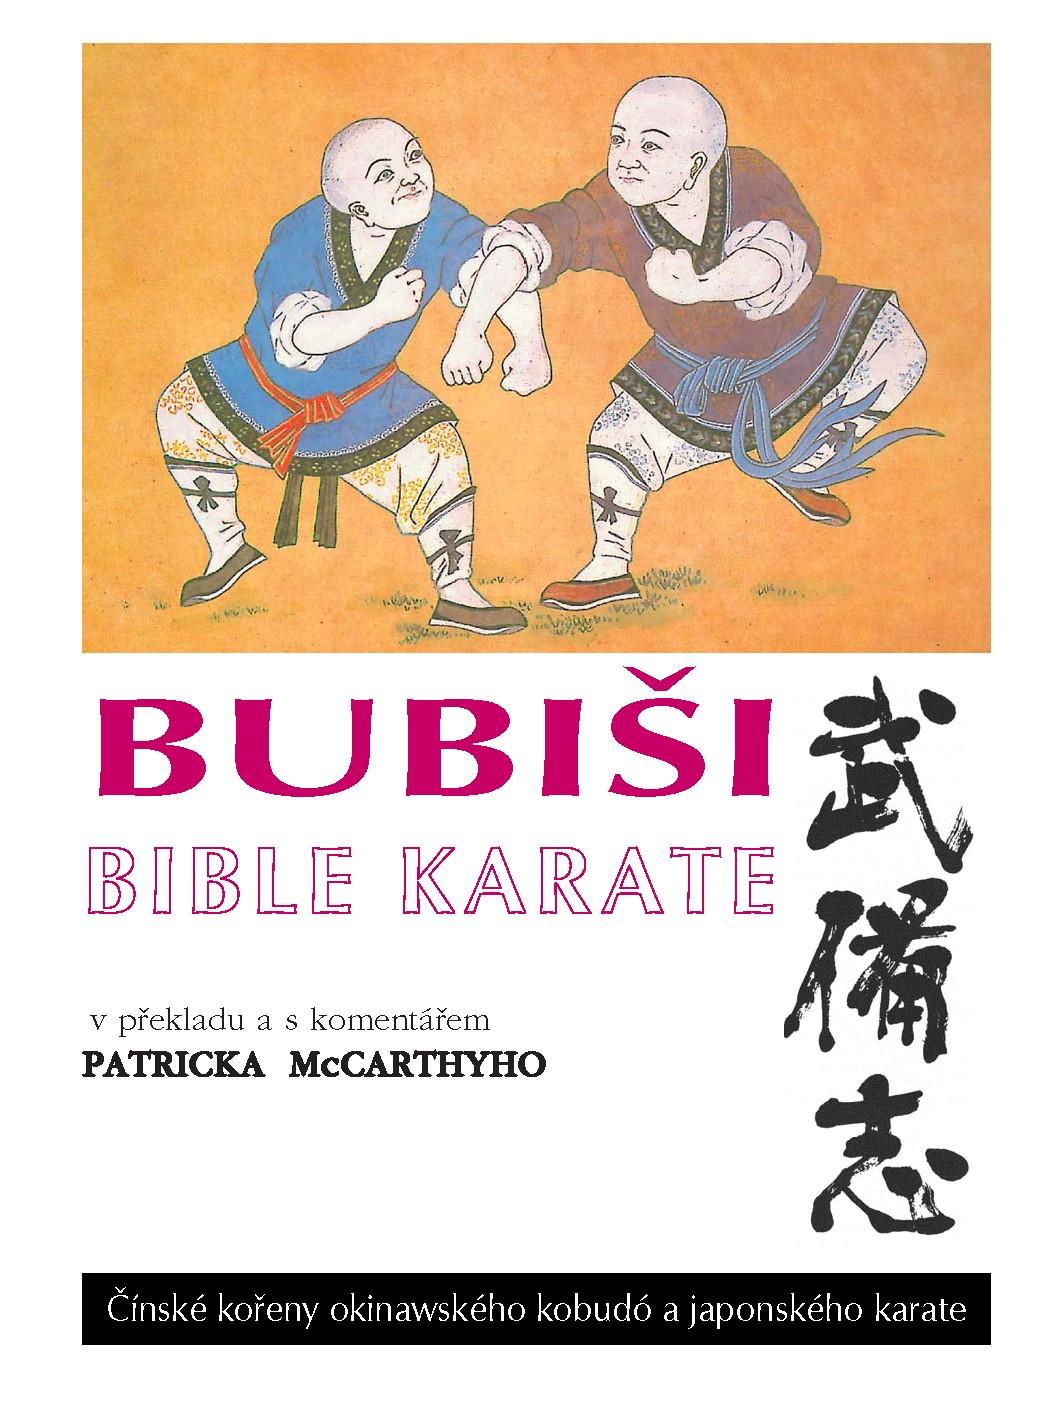 Bubiši / Bubishi - Bible karate - Čínské kořeny okinawského kobudó a japonského karate